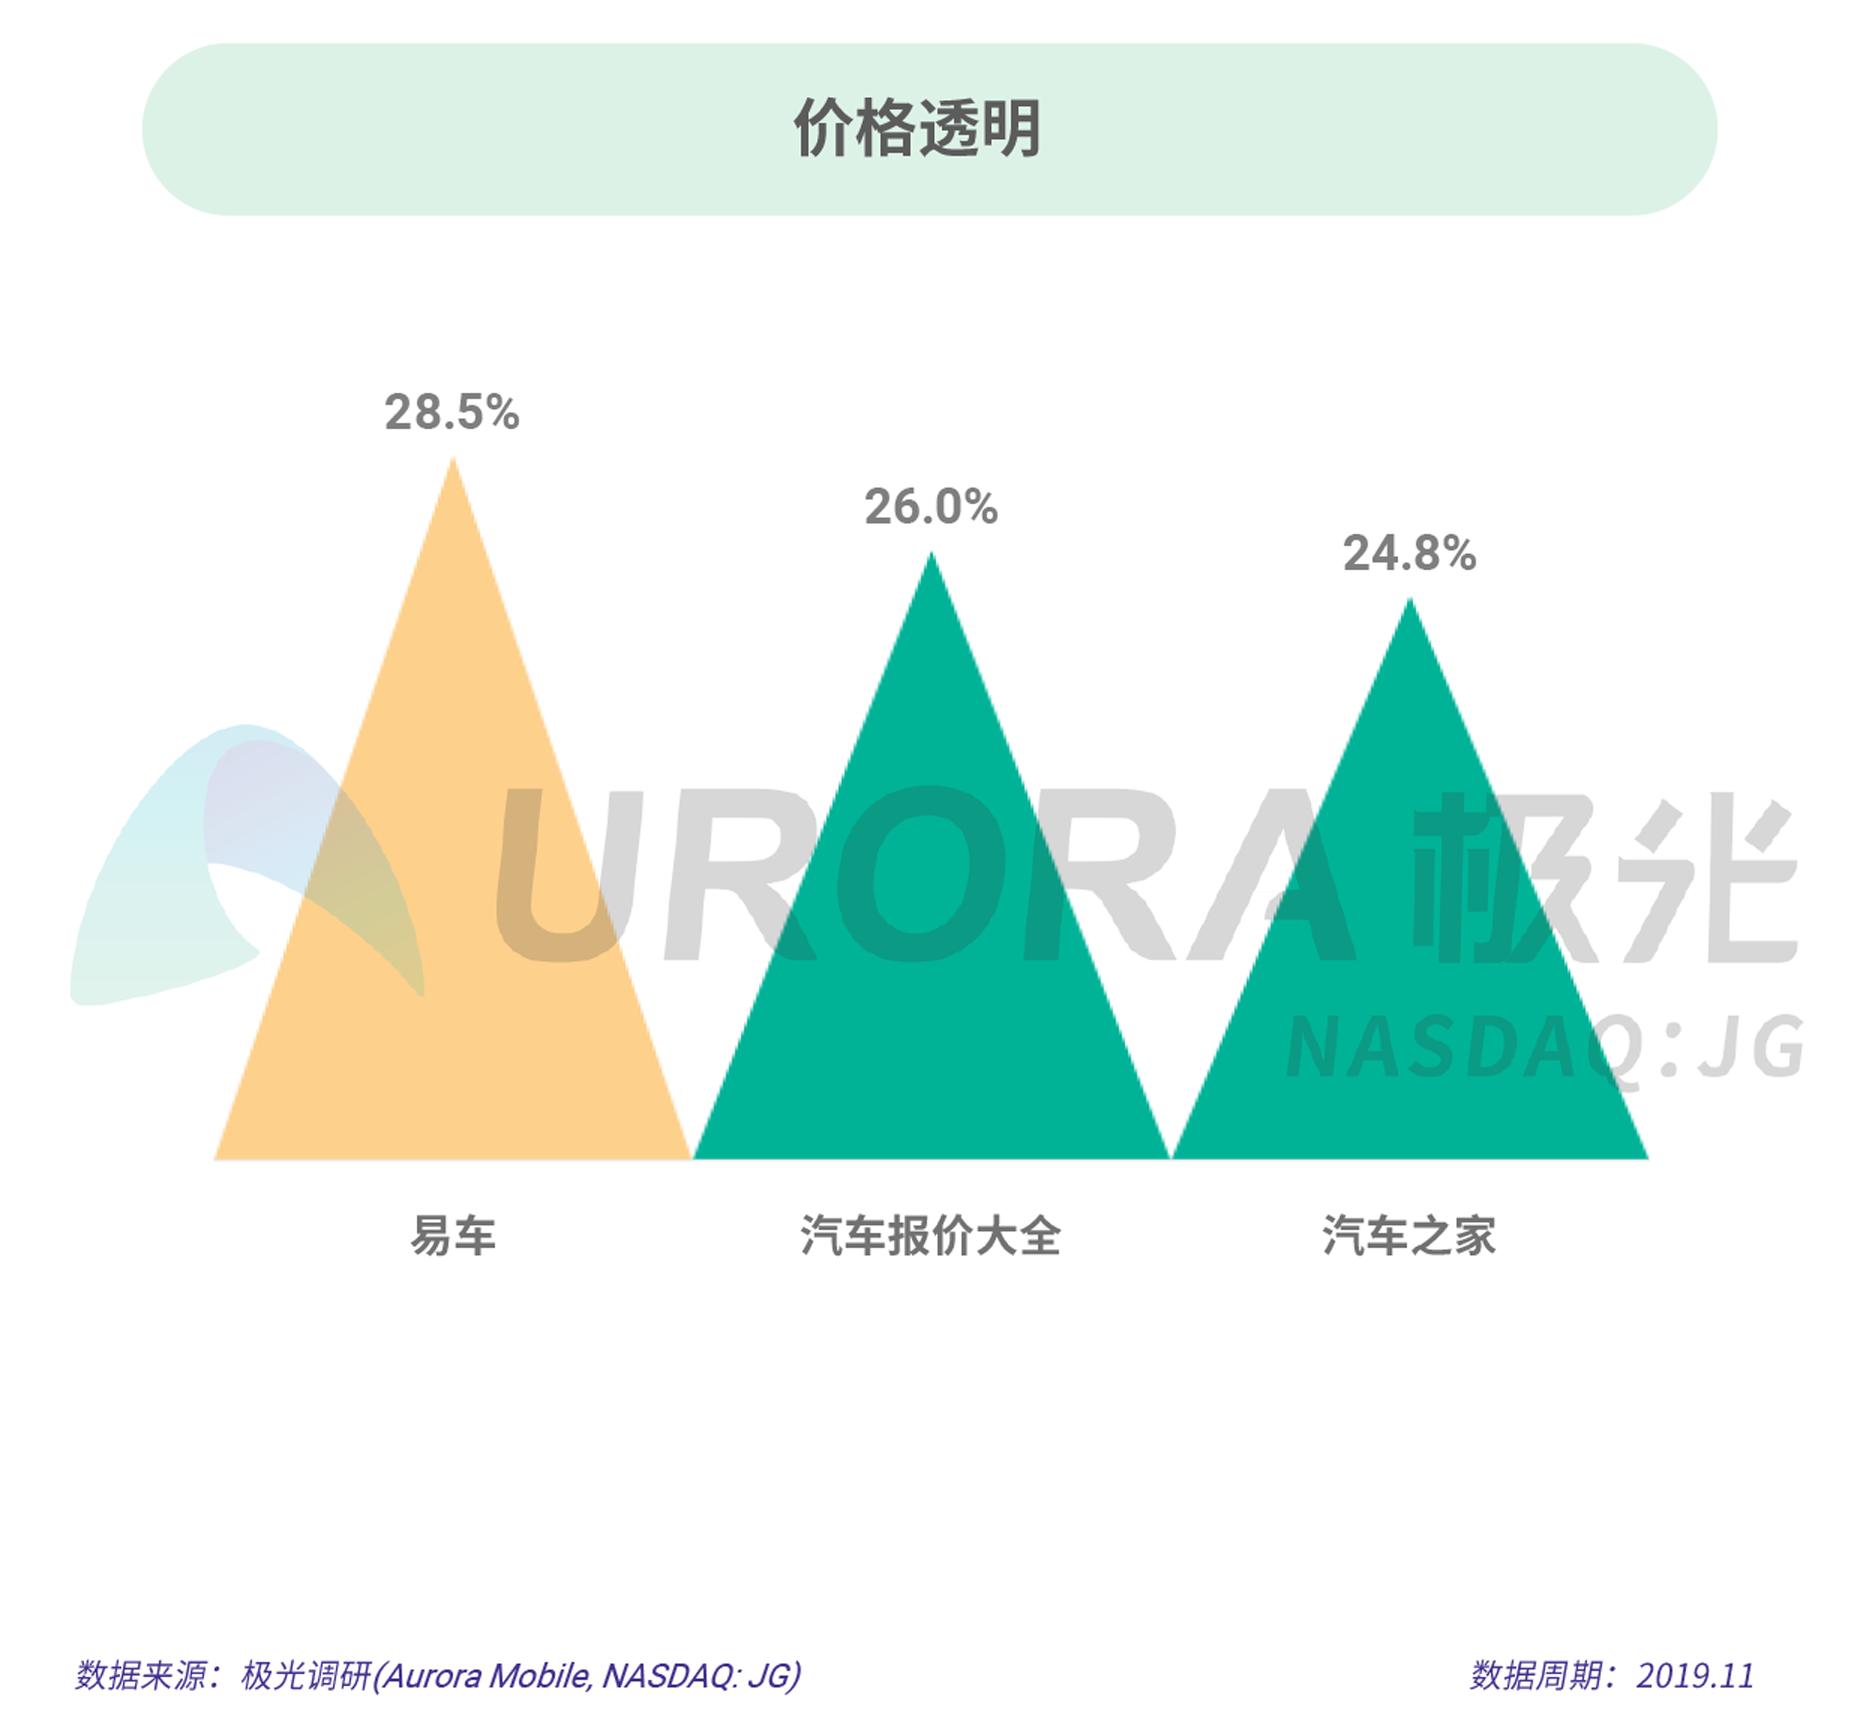 2019汽车资讯行业研究报告--审核版-17.png